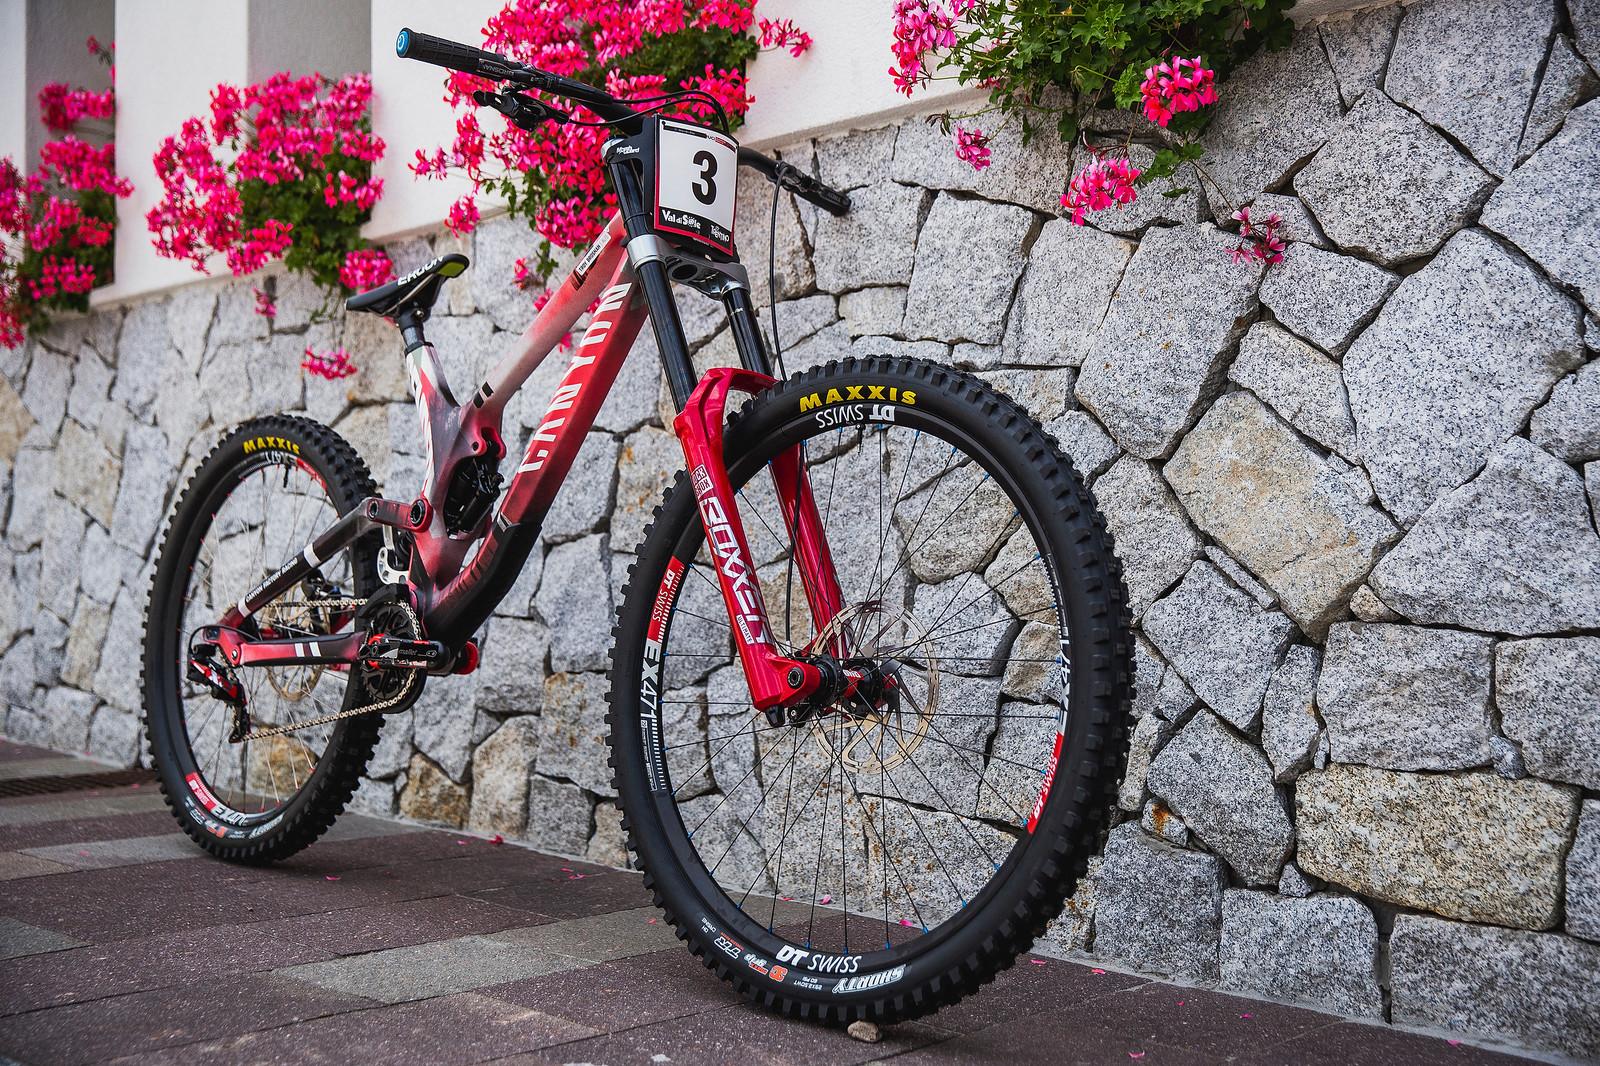 Troy Brosnan's Rattle Can(yon) Sender - PIT BITS - 2019 Val di Sole World Cup Downhill Bike Tech - Mountain Biking Pictures - Vital MTB